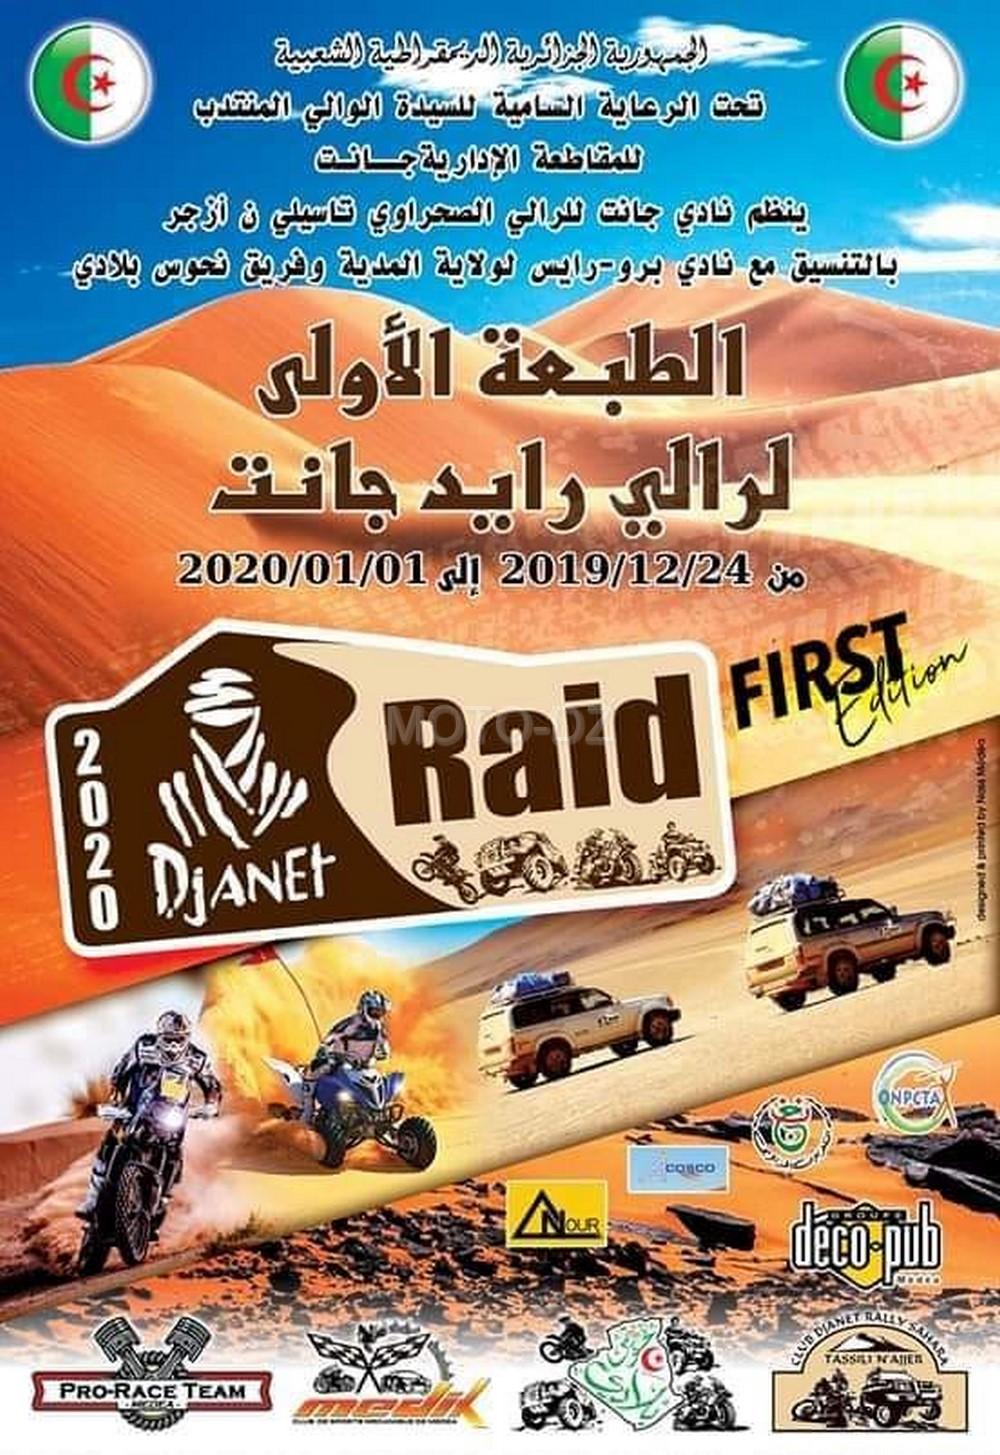 1ère édition du Rallye Raid Djanet du 24 décembre 2019 au 1er janvier 2020